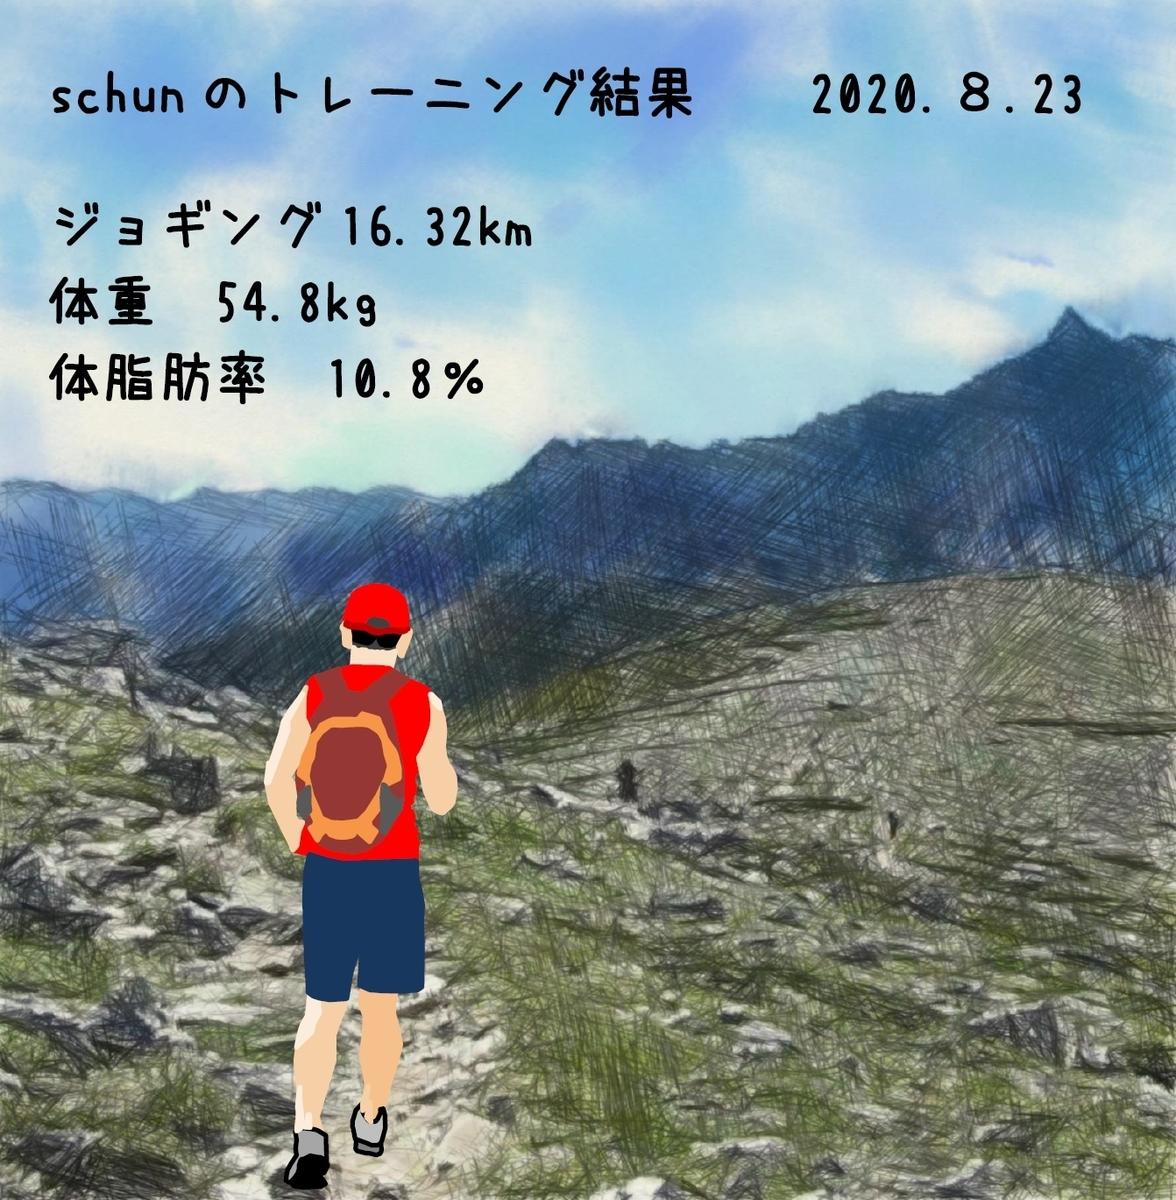 f:id:schunchi2007:20210822202917j:plain